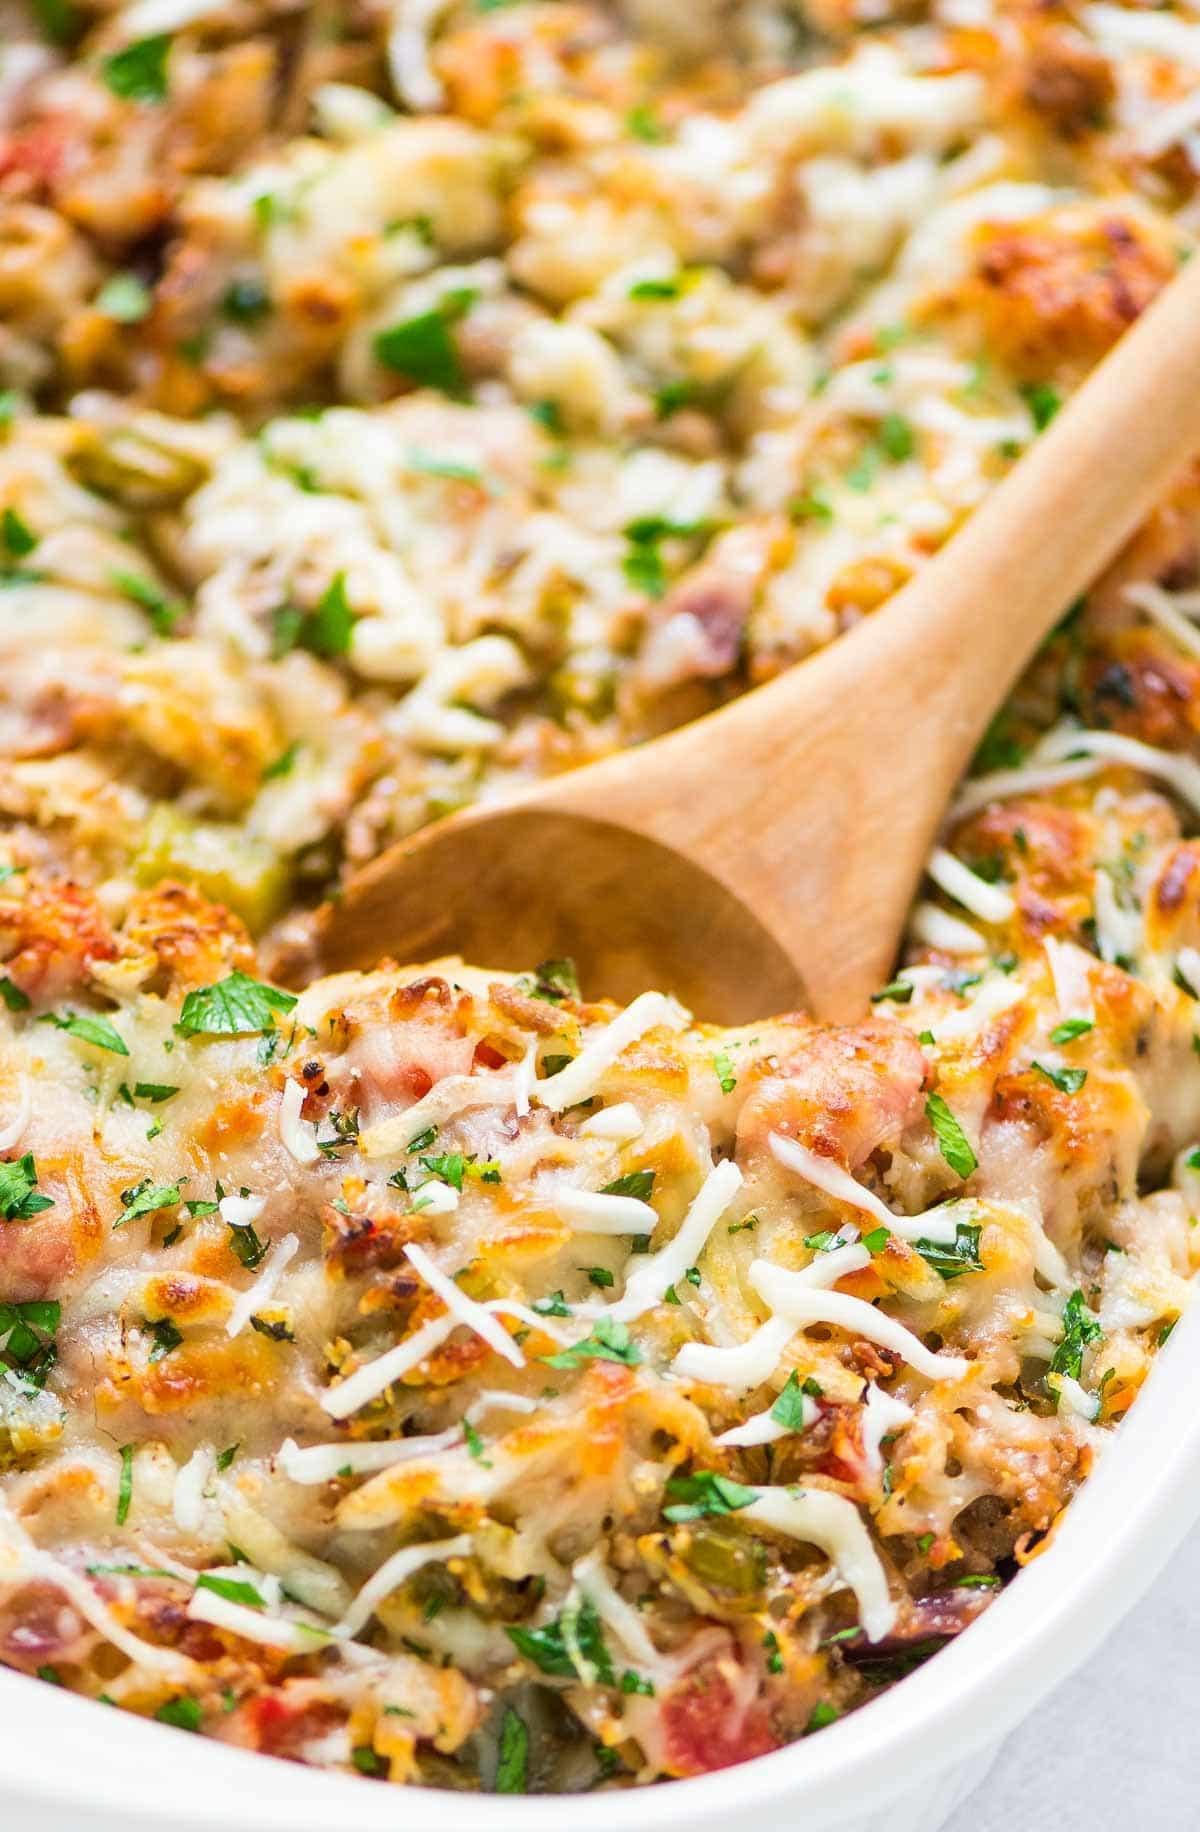 Spaghetti Squash Healthy Recipes  Healthy Spaghetti Squash Casserole